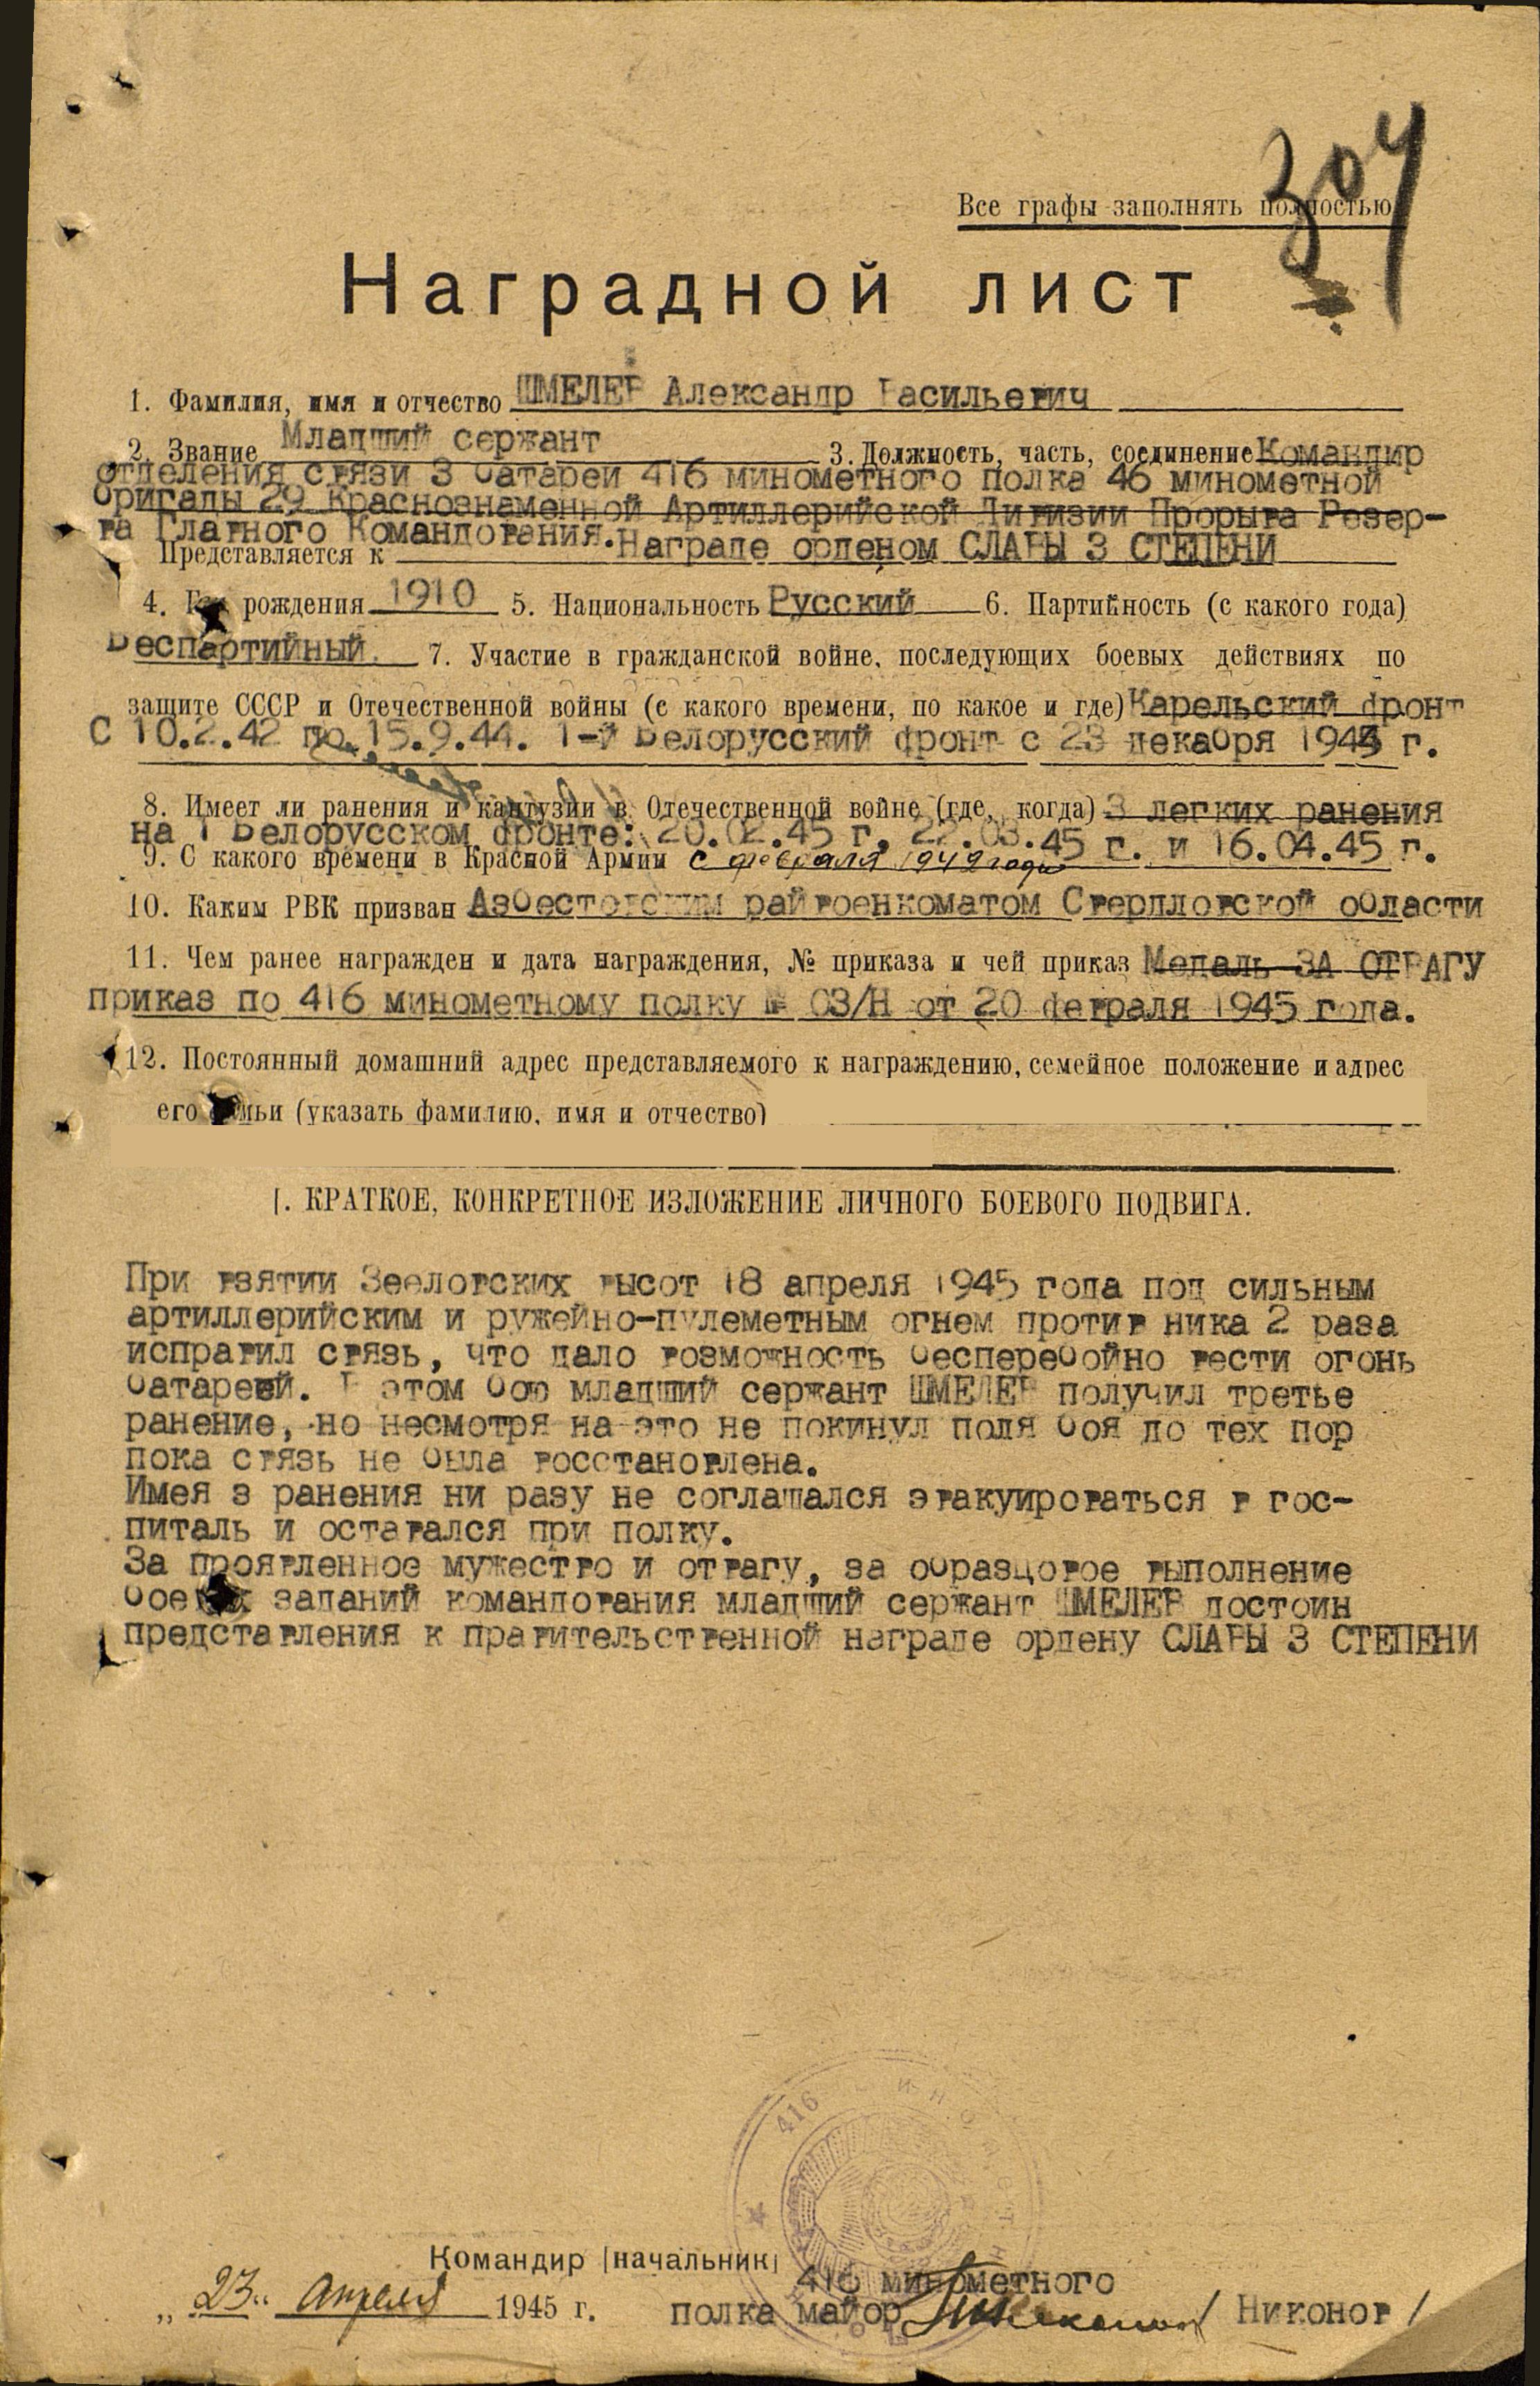 Из приказа о награждении Шмелева Александра Васильевича орденом Славы III степени